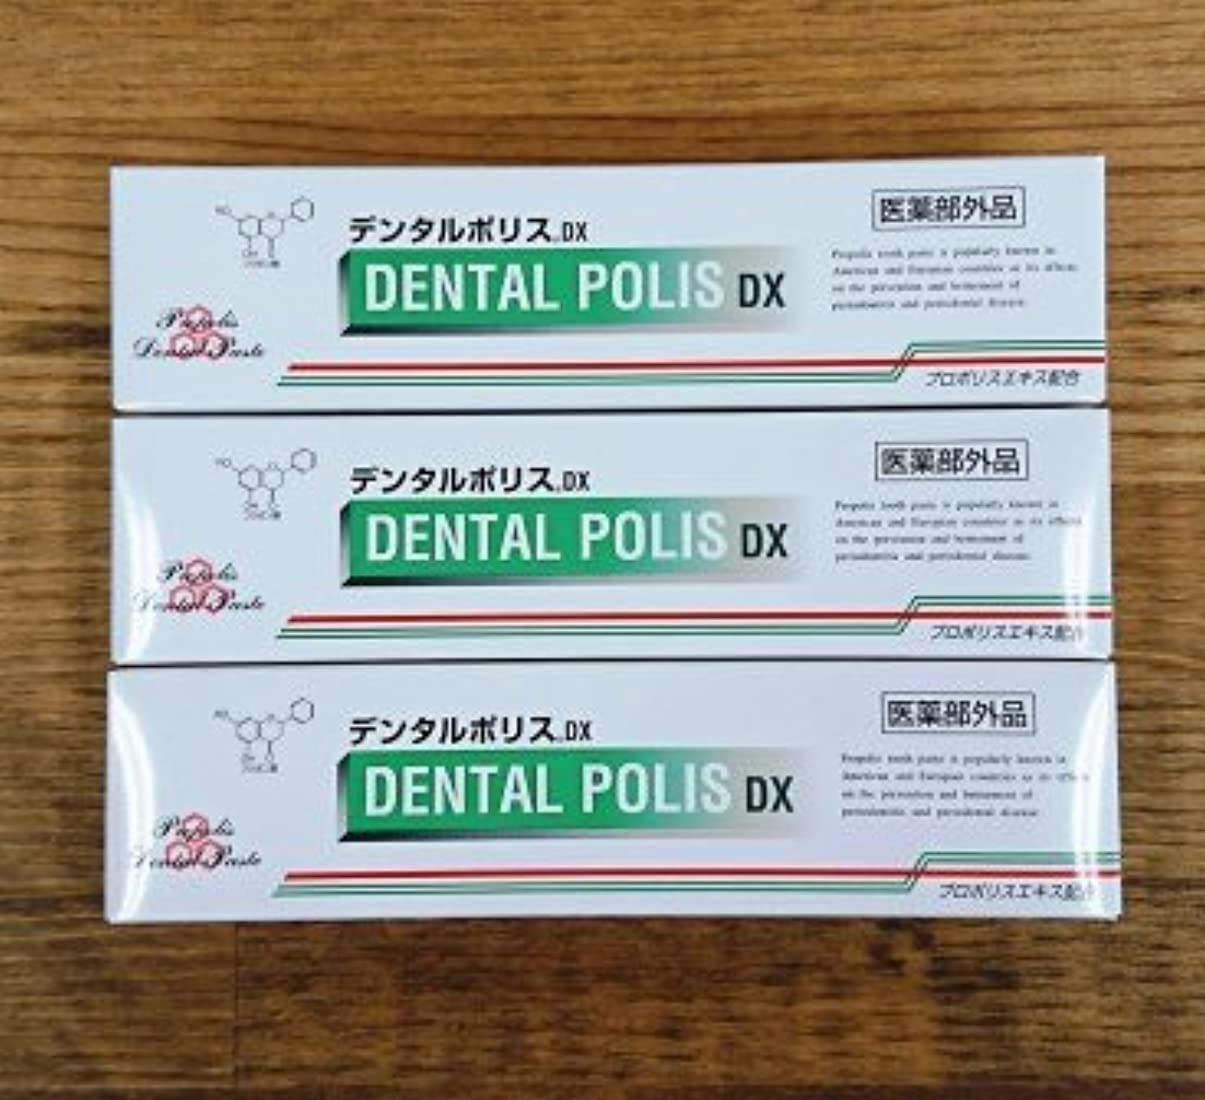 はがき助言アームストロングデンタルポリスDX80g×3本セット 医薬部外品  歯みがき